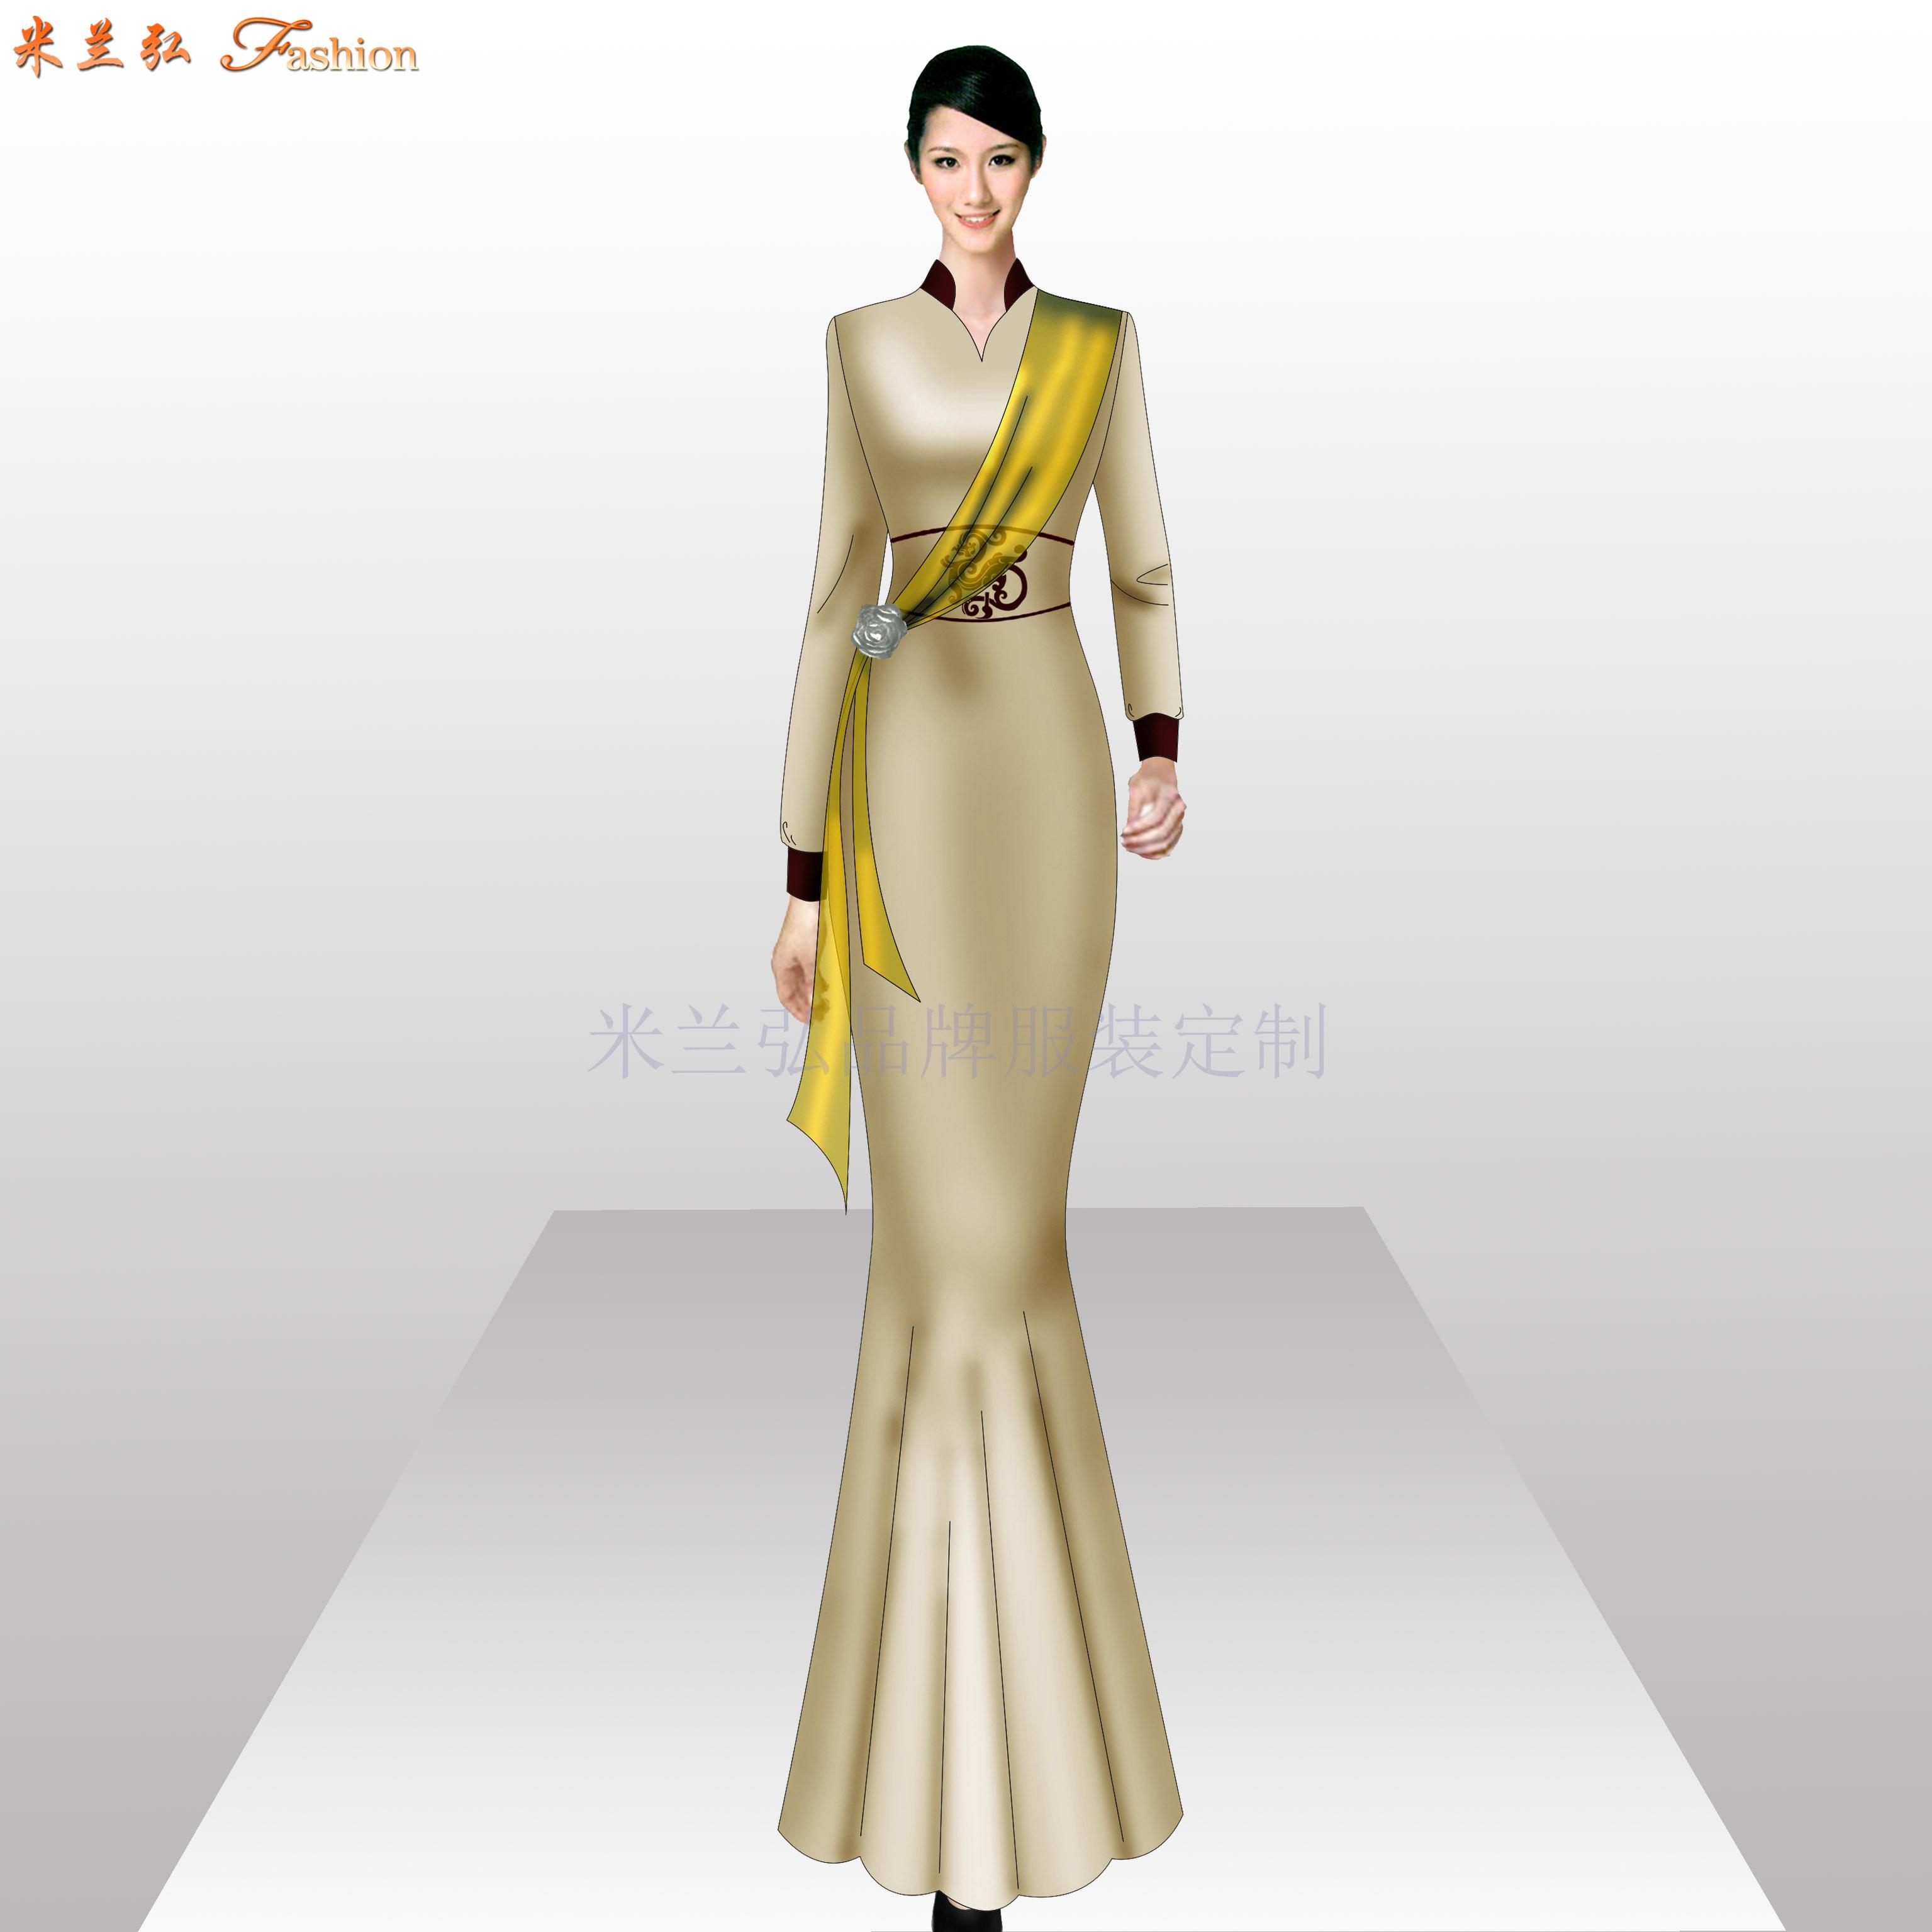 「旗袍高端定制」「旗袍高級訂制」-米蘭弘品牌服裝-5